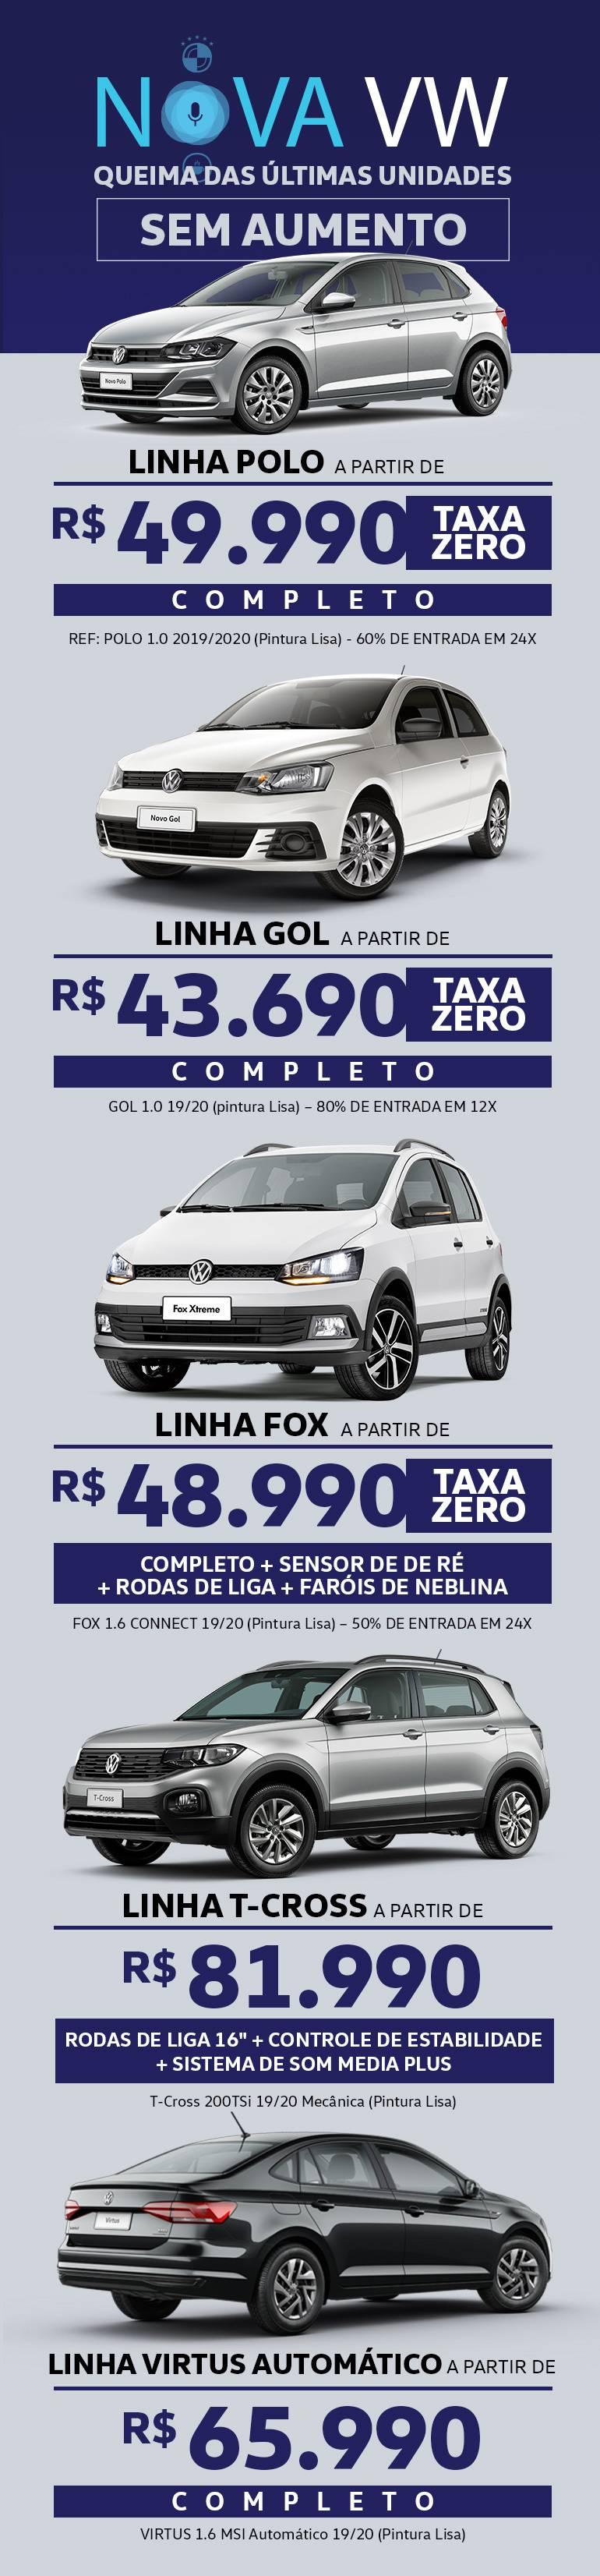 Nova VW